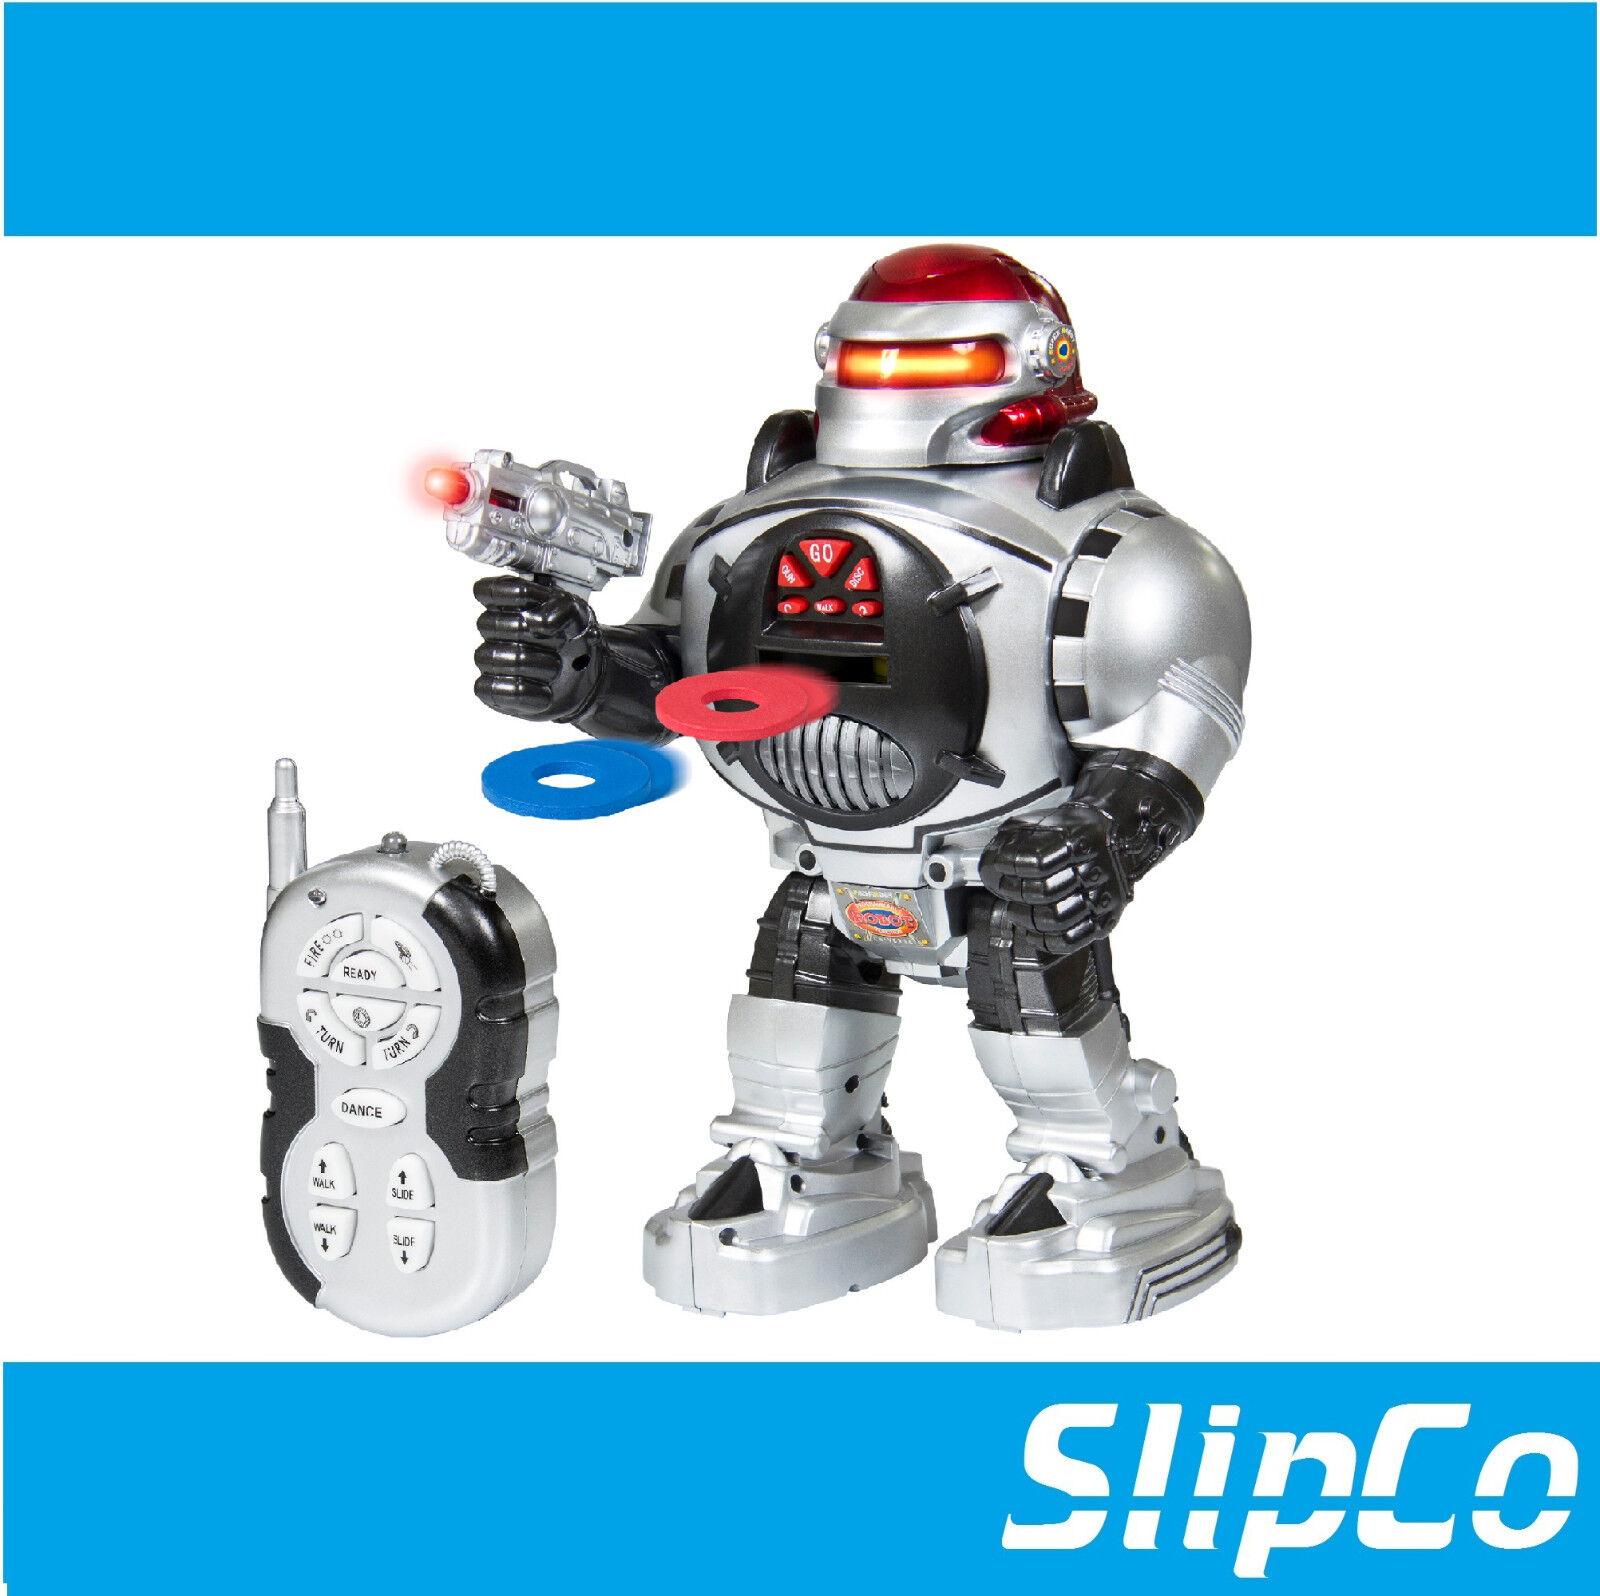 RC ROBOT TALKING SHOOTING WALKING DANCING SLIDE PET REMOTE CONTROL TOY GIFT